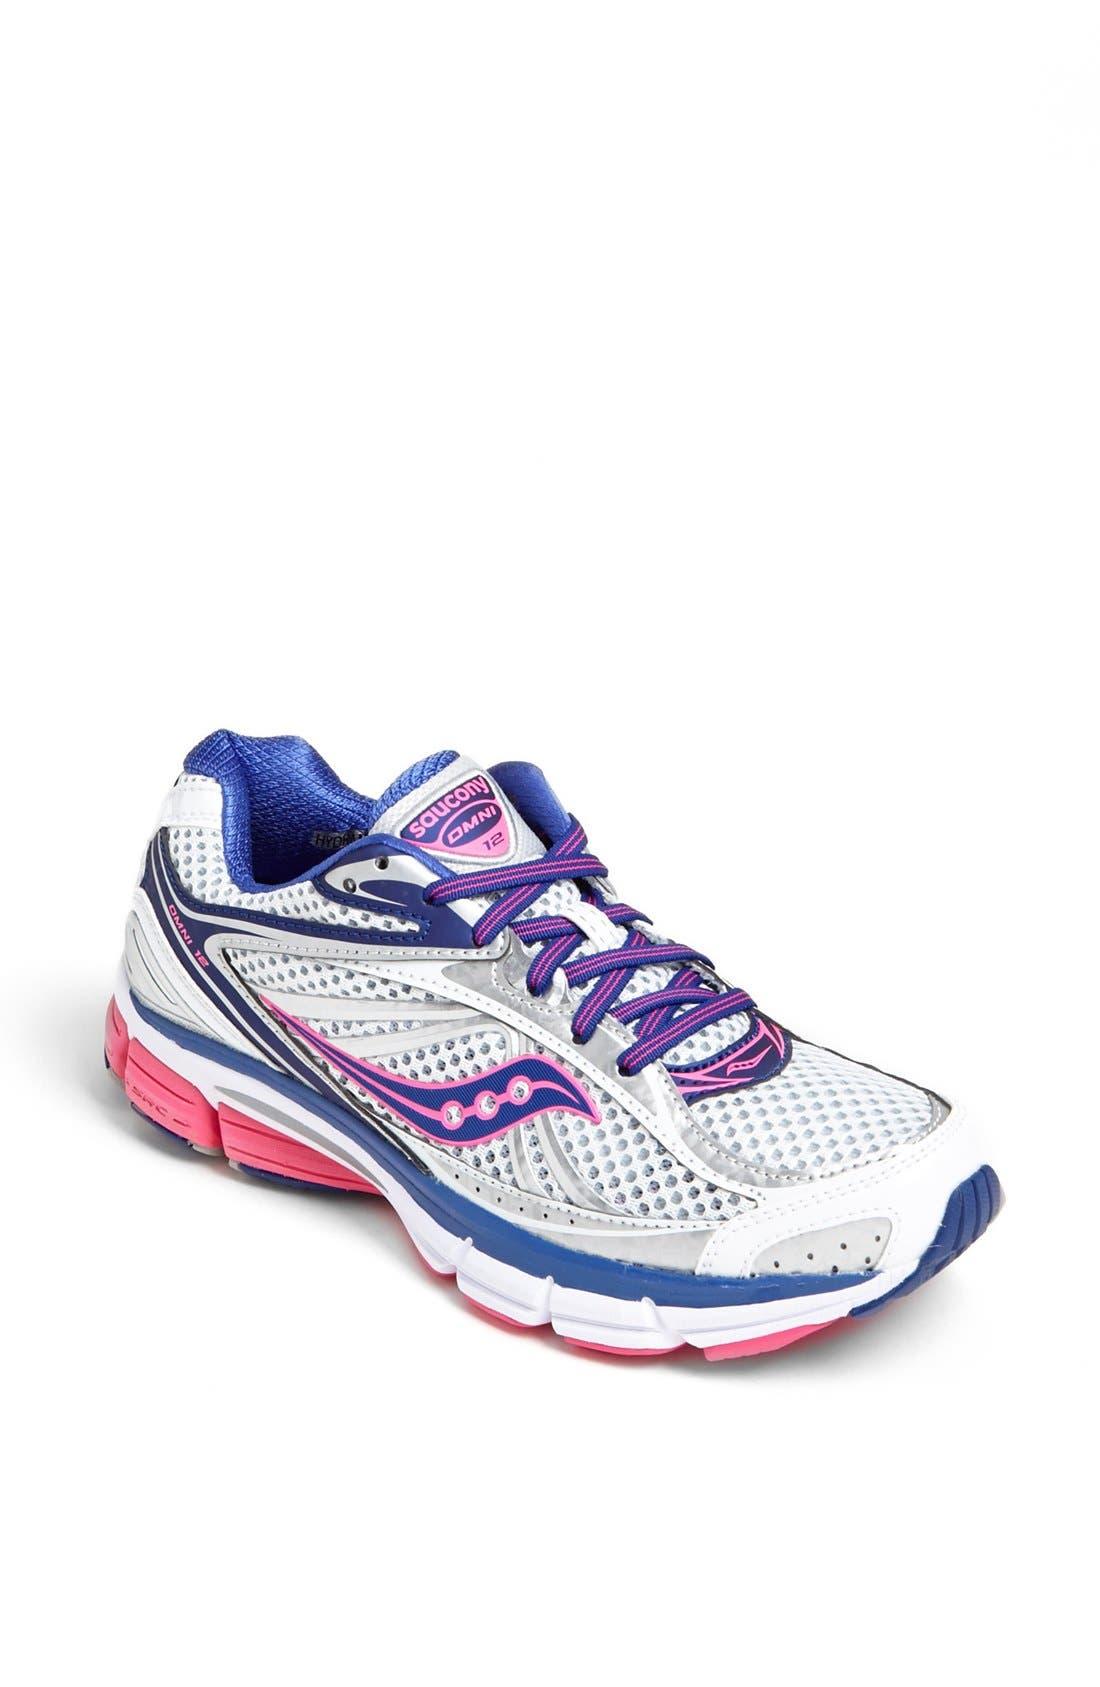 Main Image - Saucony 'Omni 12' Running Shoe (Women)